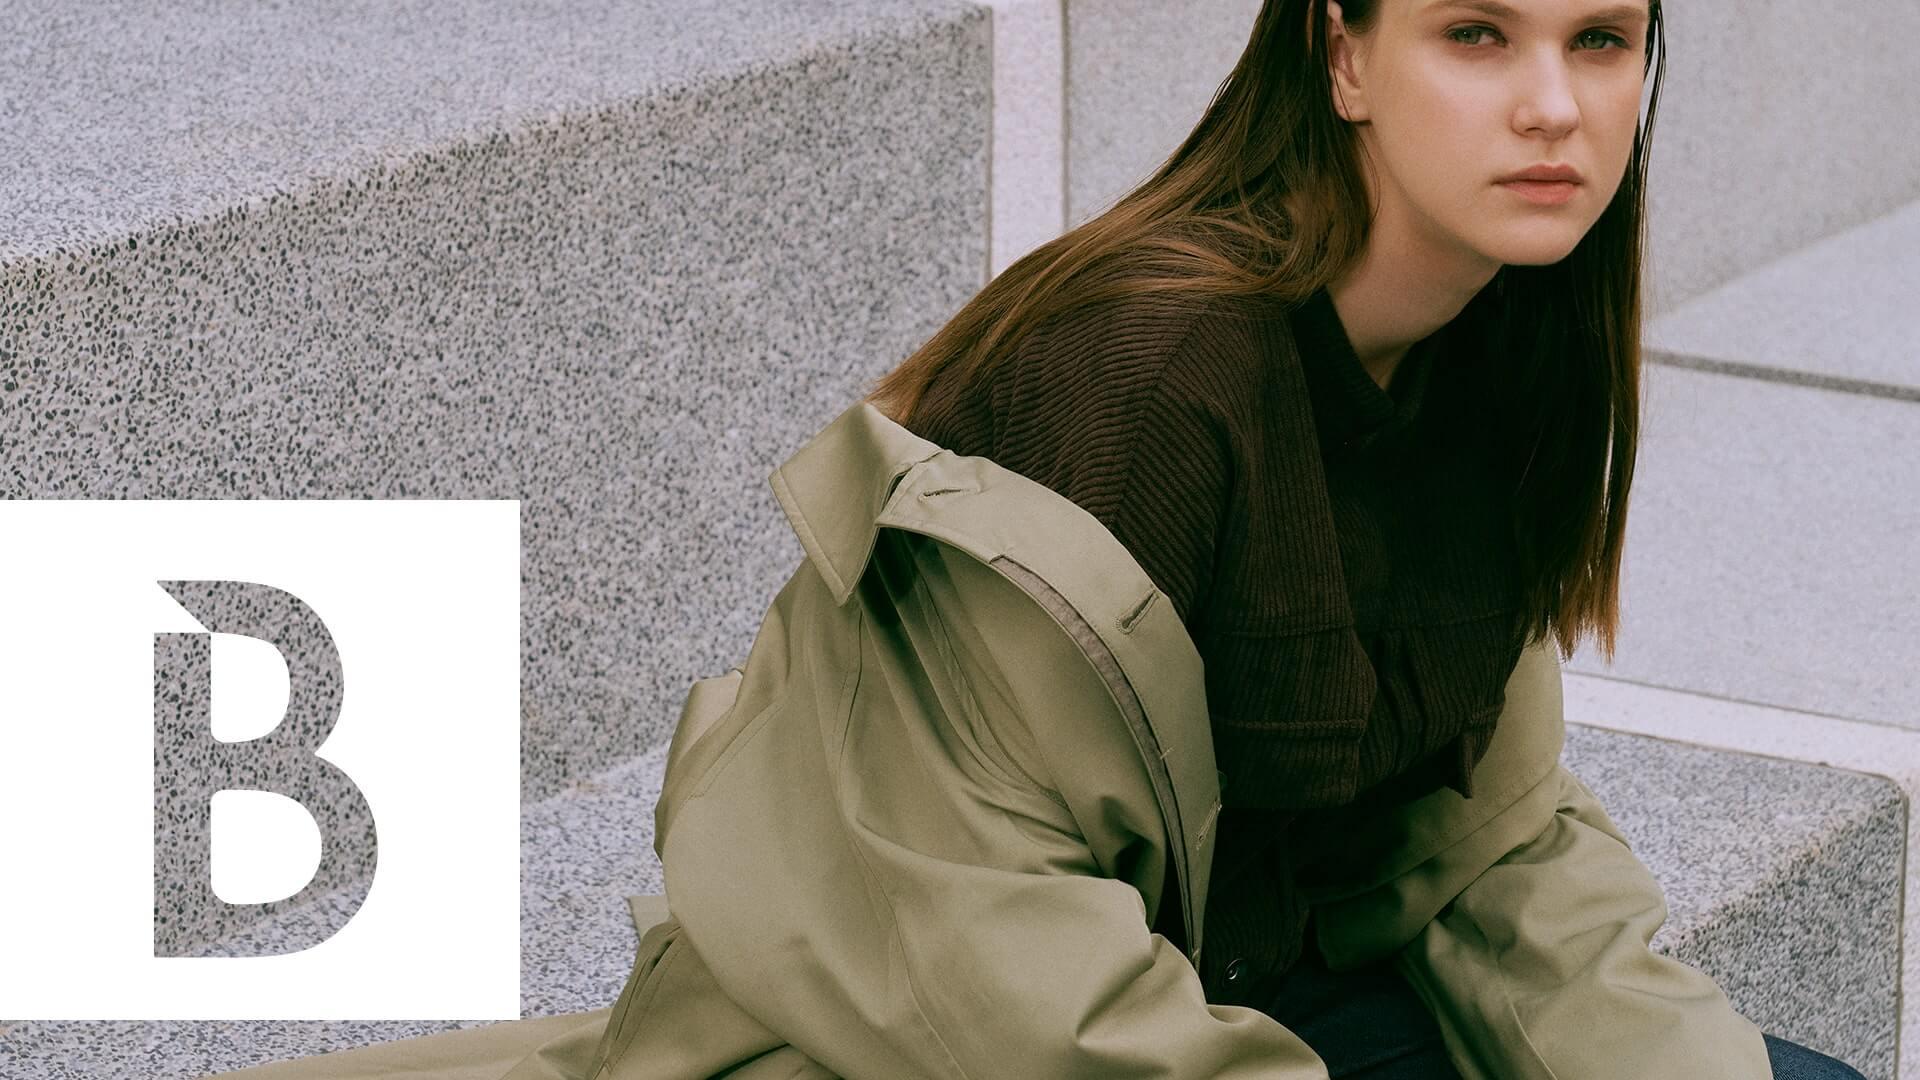 不敗大衣的「沉穩系」穿搭,2020秋冬跟著台茂T-Style穿出都市、機能、休閒三種多元風格 !